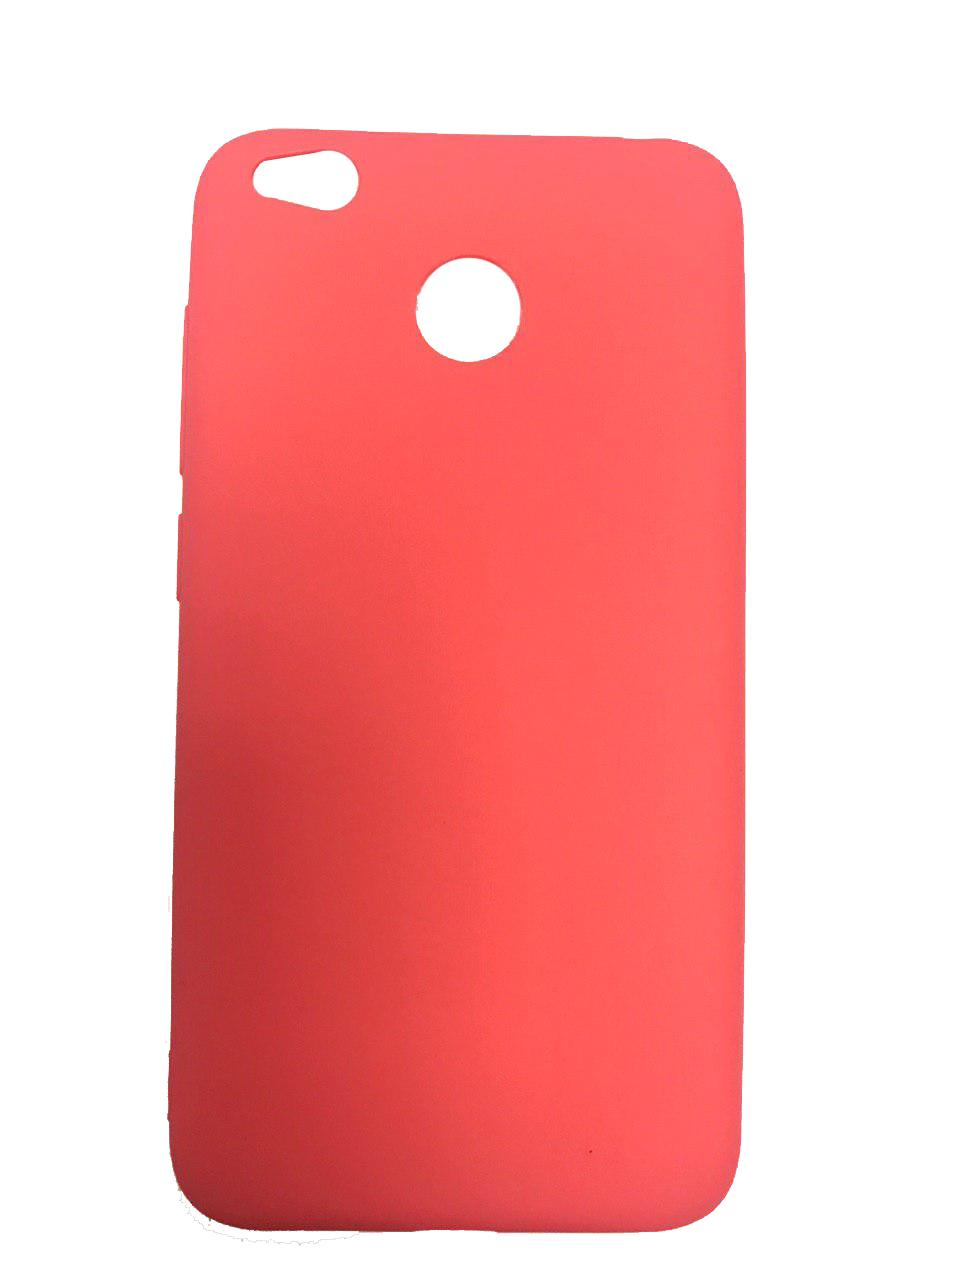 Чехол для сотового телефона Simply Чехол для Xiaomi Redmi 4X (Красный), красный красный дизайн кожа pu откидная крышка бумажника карты держатель чехол для xiaomi redmi 2 2a